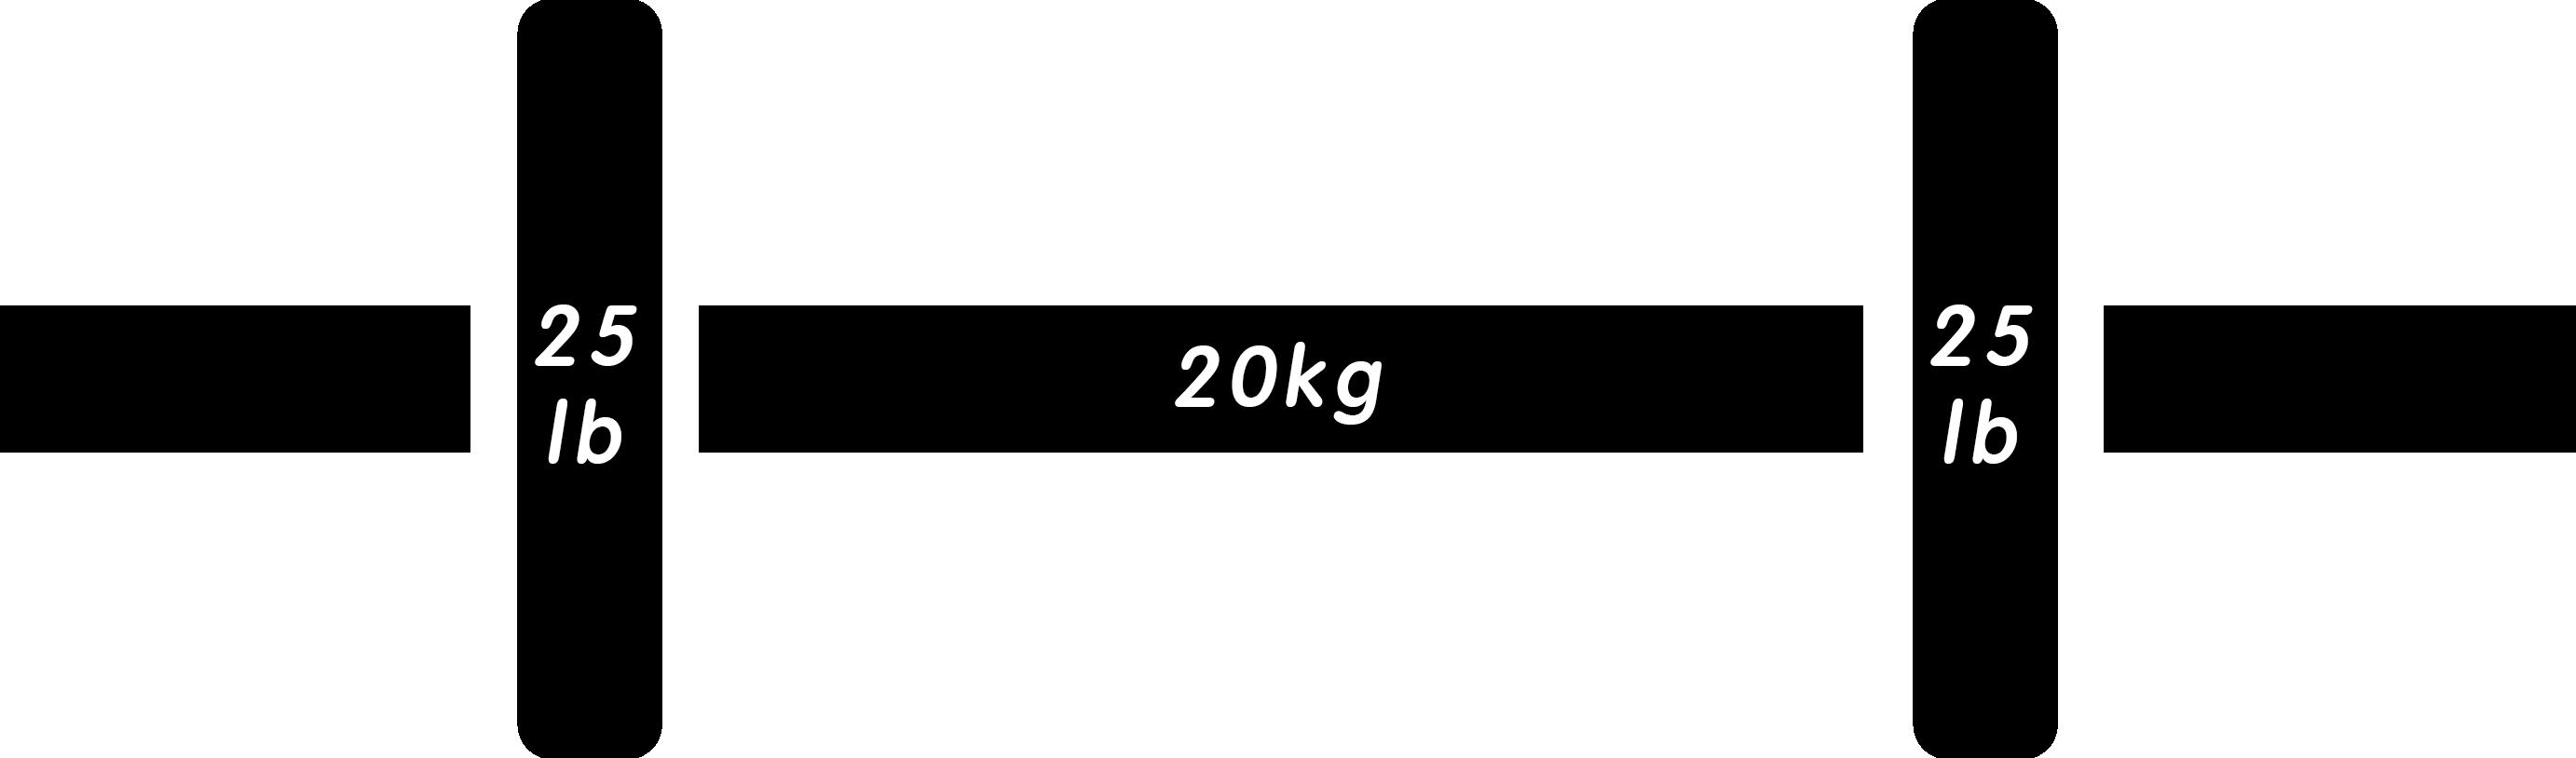 バーベル95lb(ポンド)